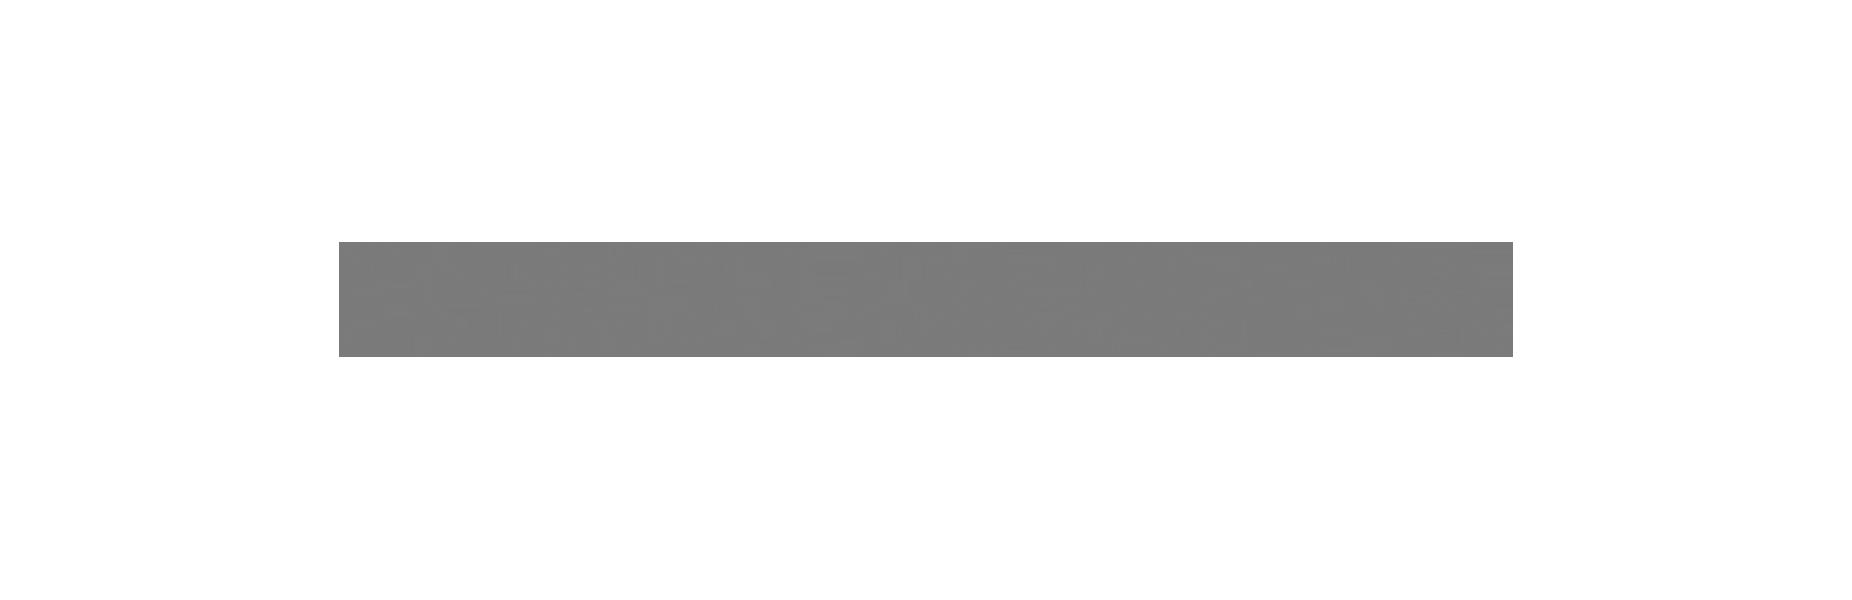 Dolce&Gabbana Ottica Bossi Trieste